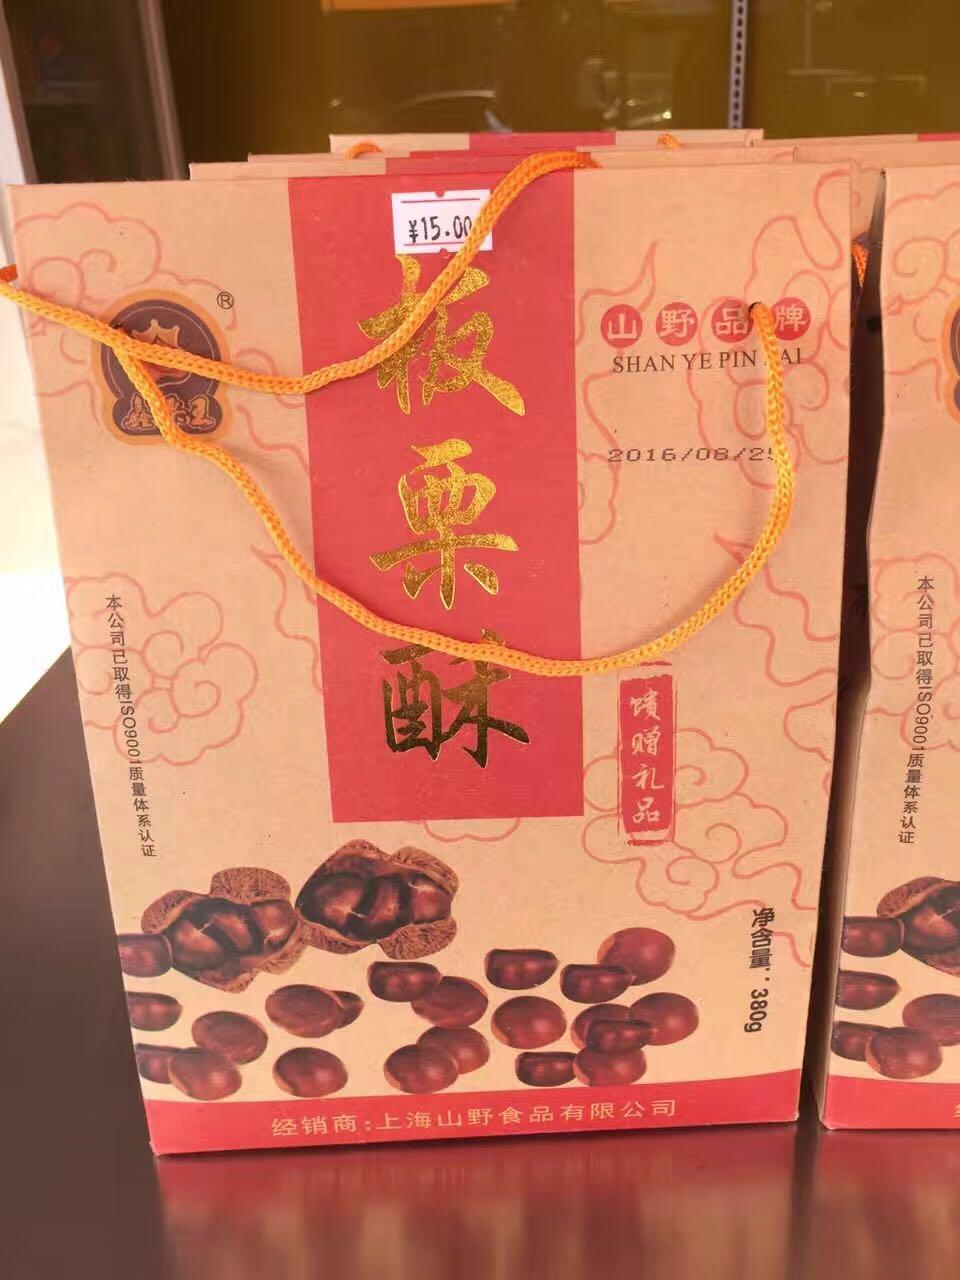 寶山區糖炒栗子做法優質商家 和諧共贏 上海山野食品供應